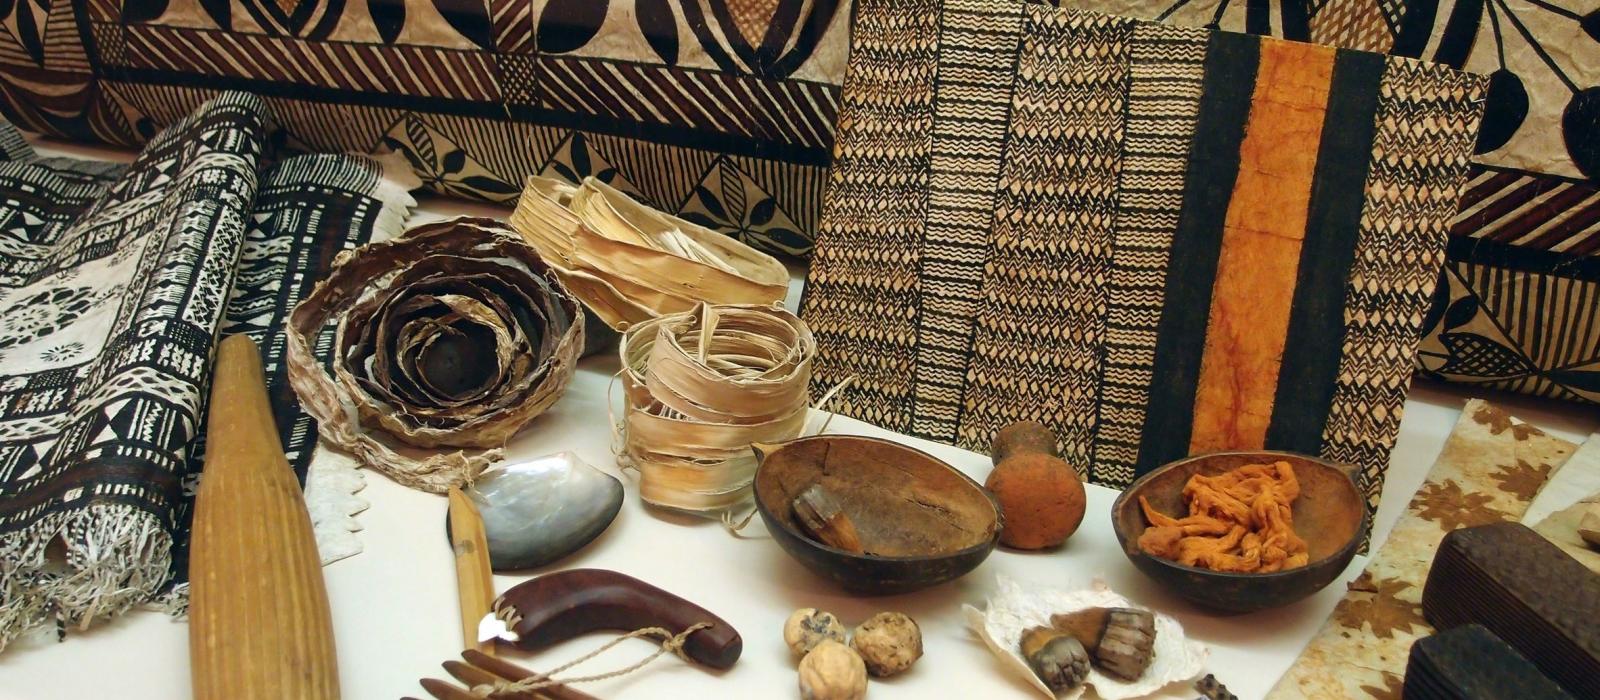 Les souvenirs à ramener de son séjour en Polynésie